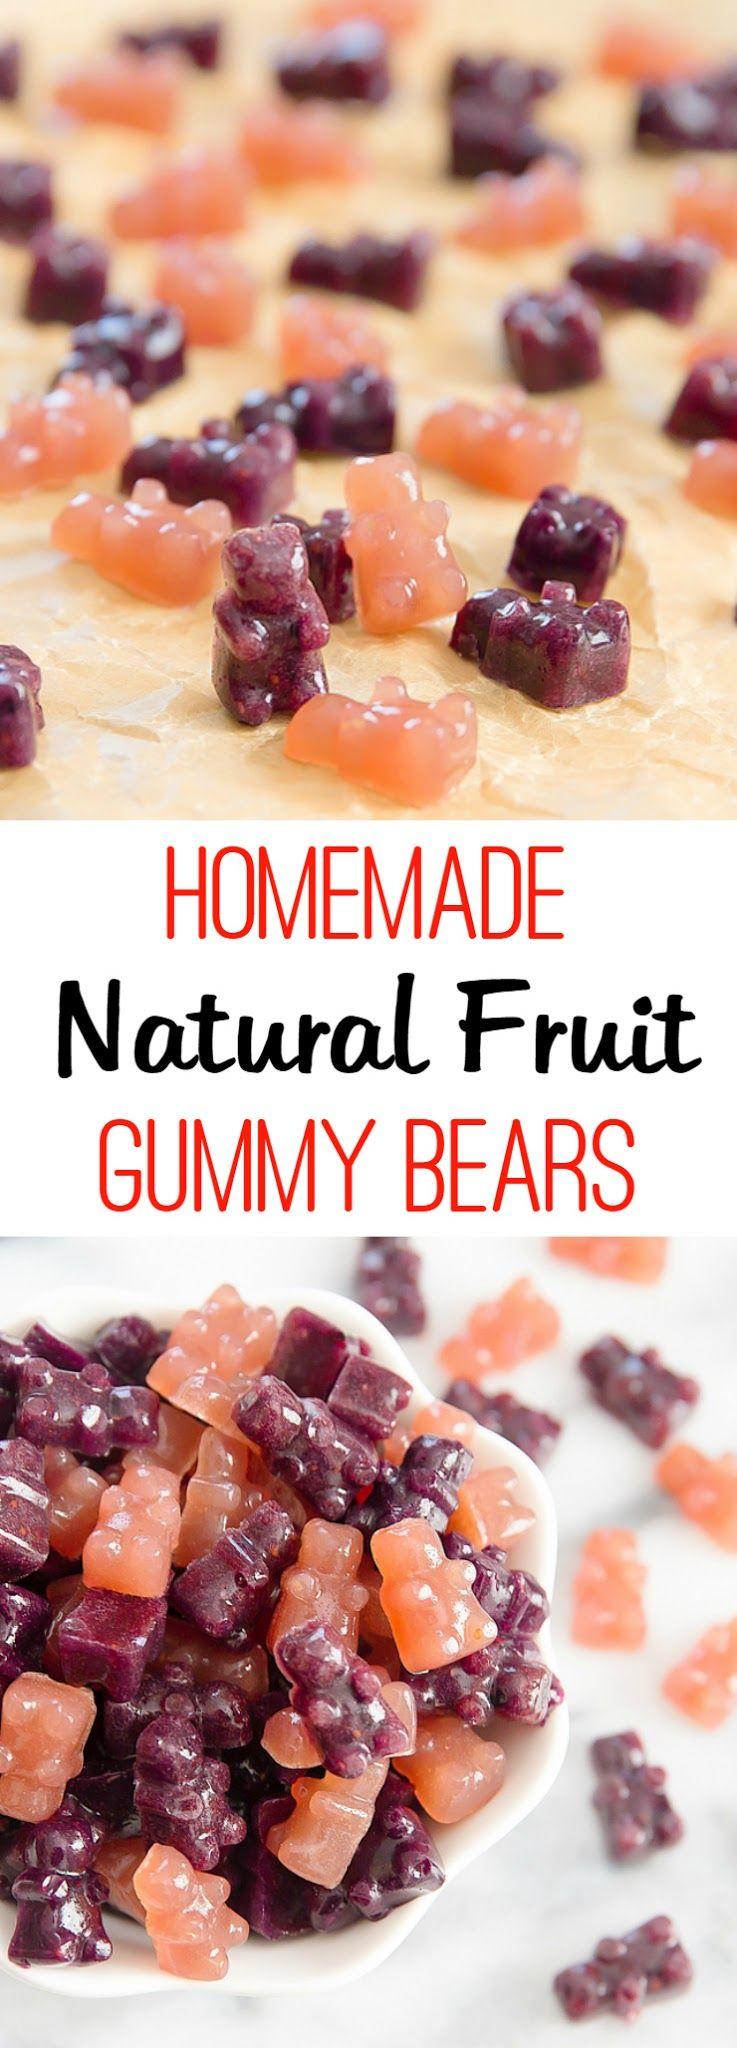 Bears Homemade Porn homemade gummy bears